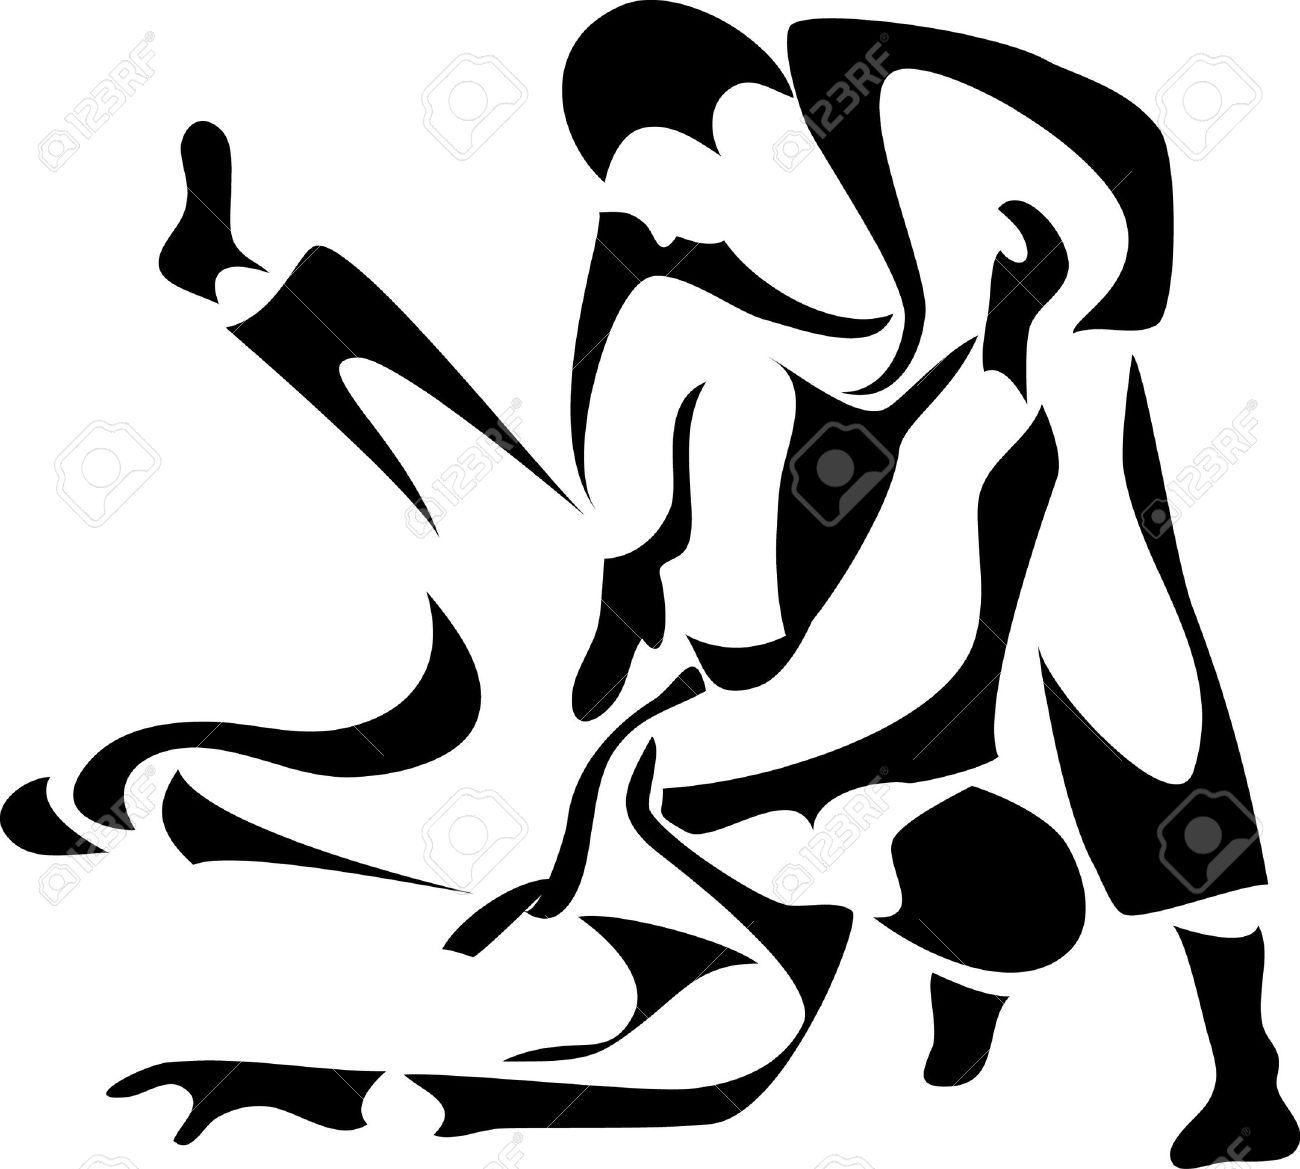 judo logo Stock Vector - 10771568